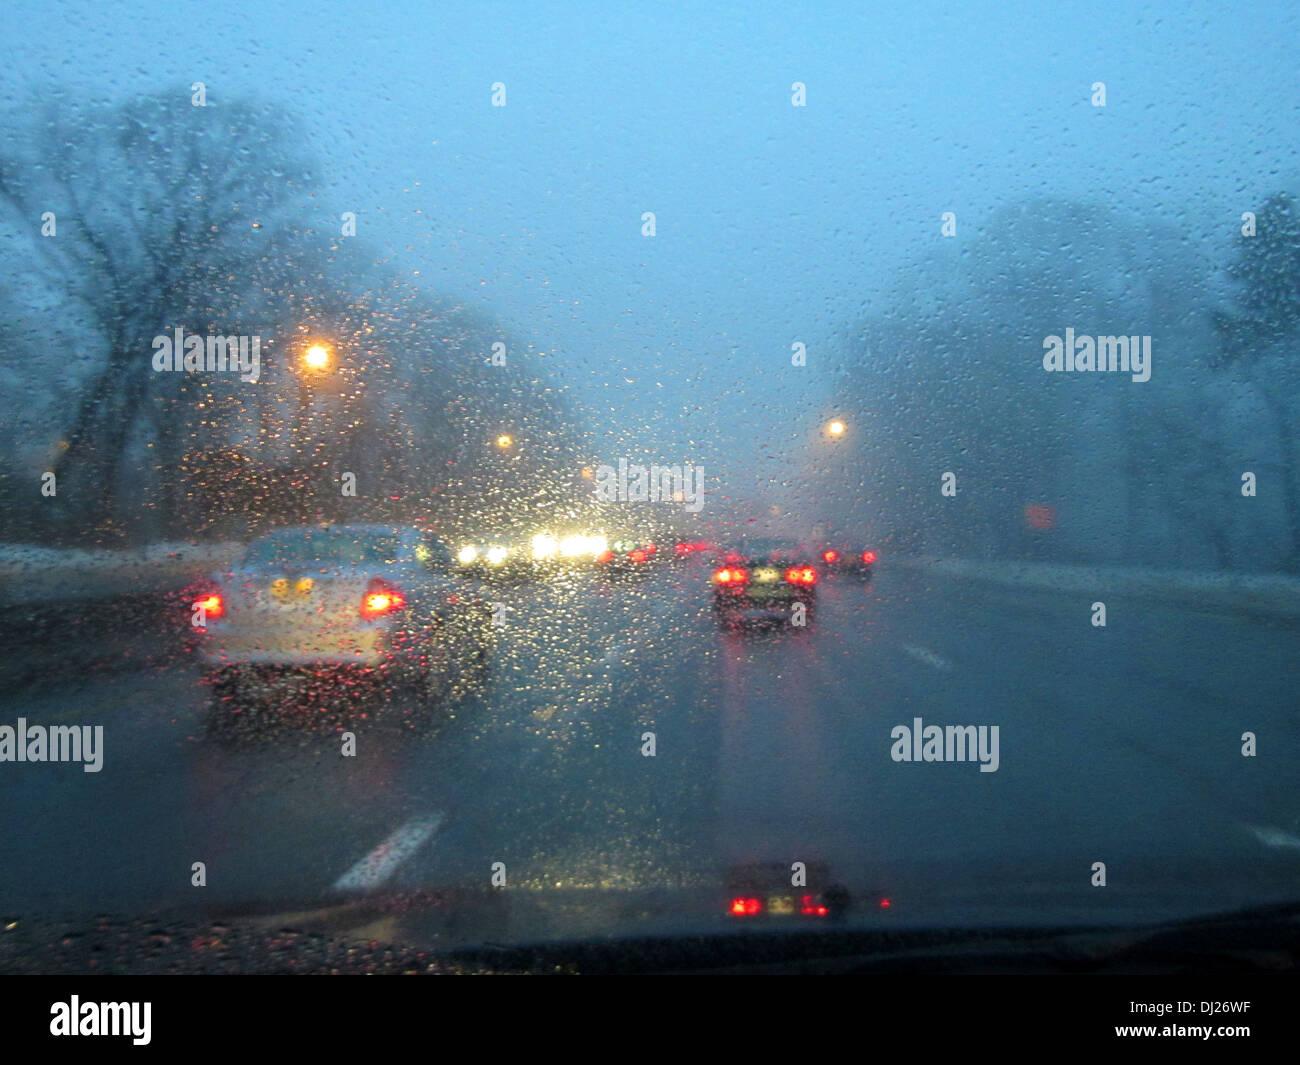 Fahren auf einer Landstraße in der Abenddämmerung im Feierabendverkehr mit Regen und Nebel auf der Windschutzscheibe zu sammeln. Stockbild